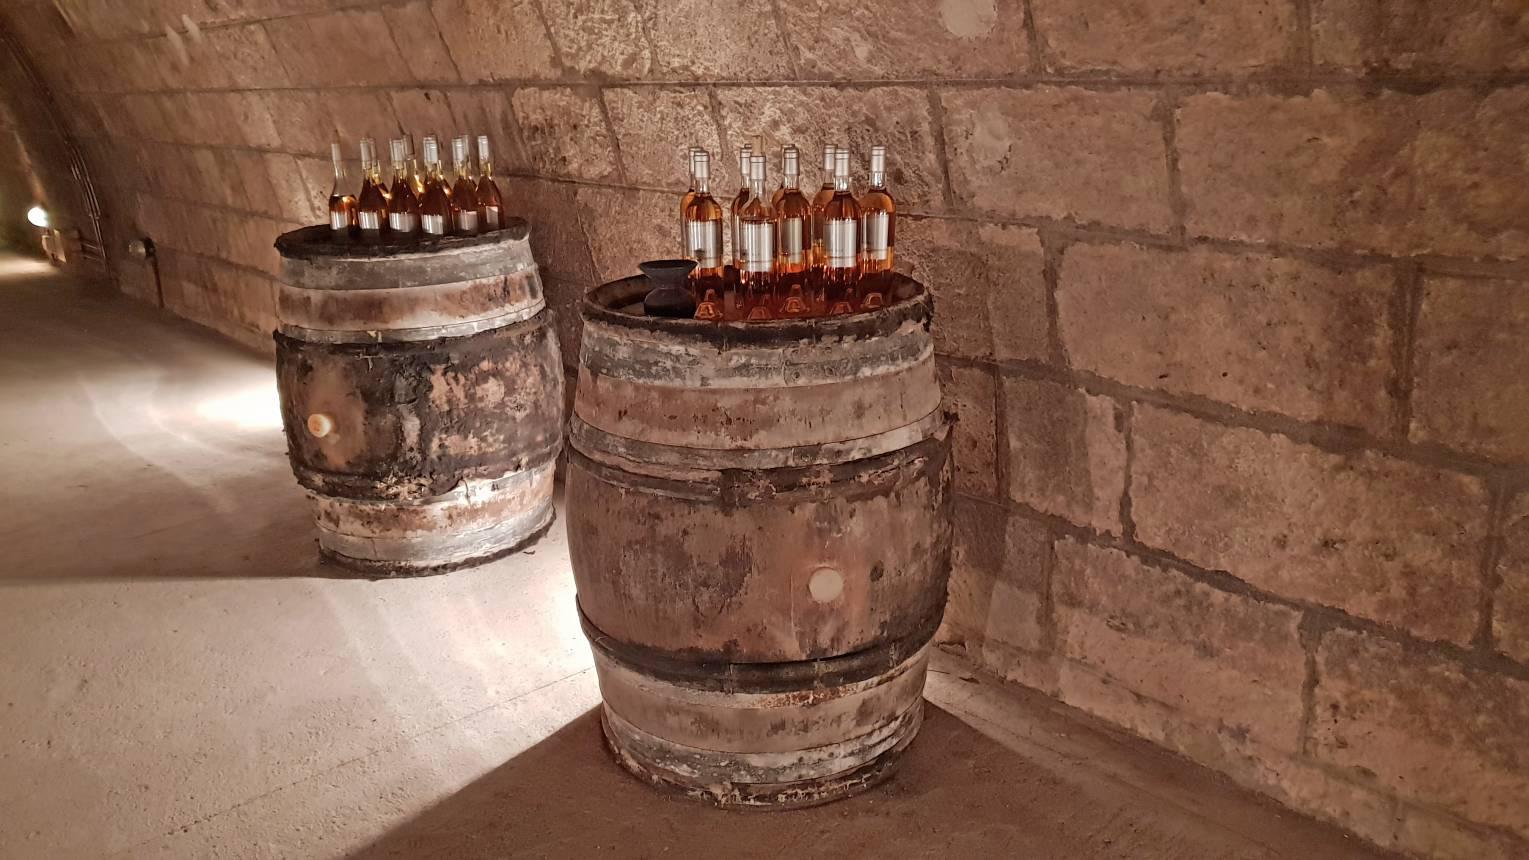 Holdvölgy pincelátogatás és kóstolóséta exkluzív borsorral